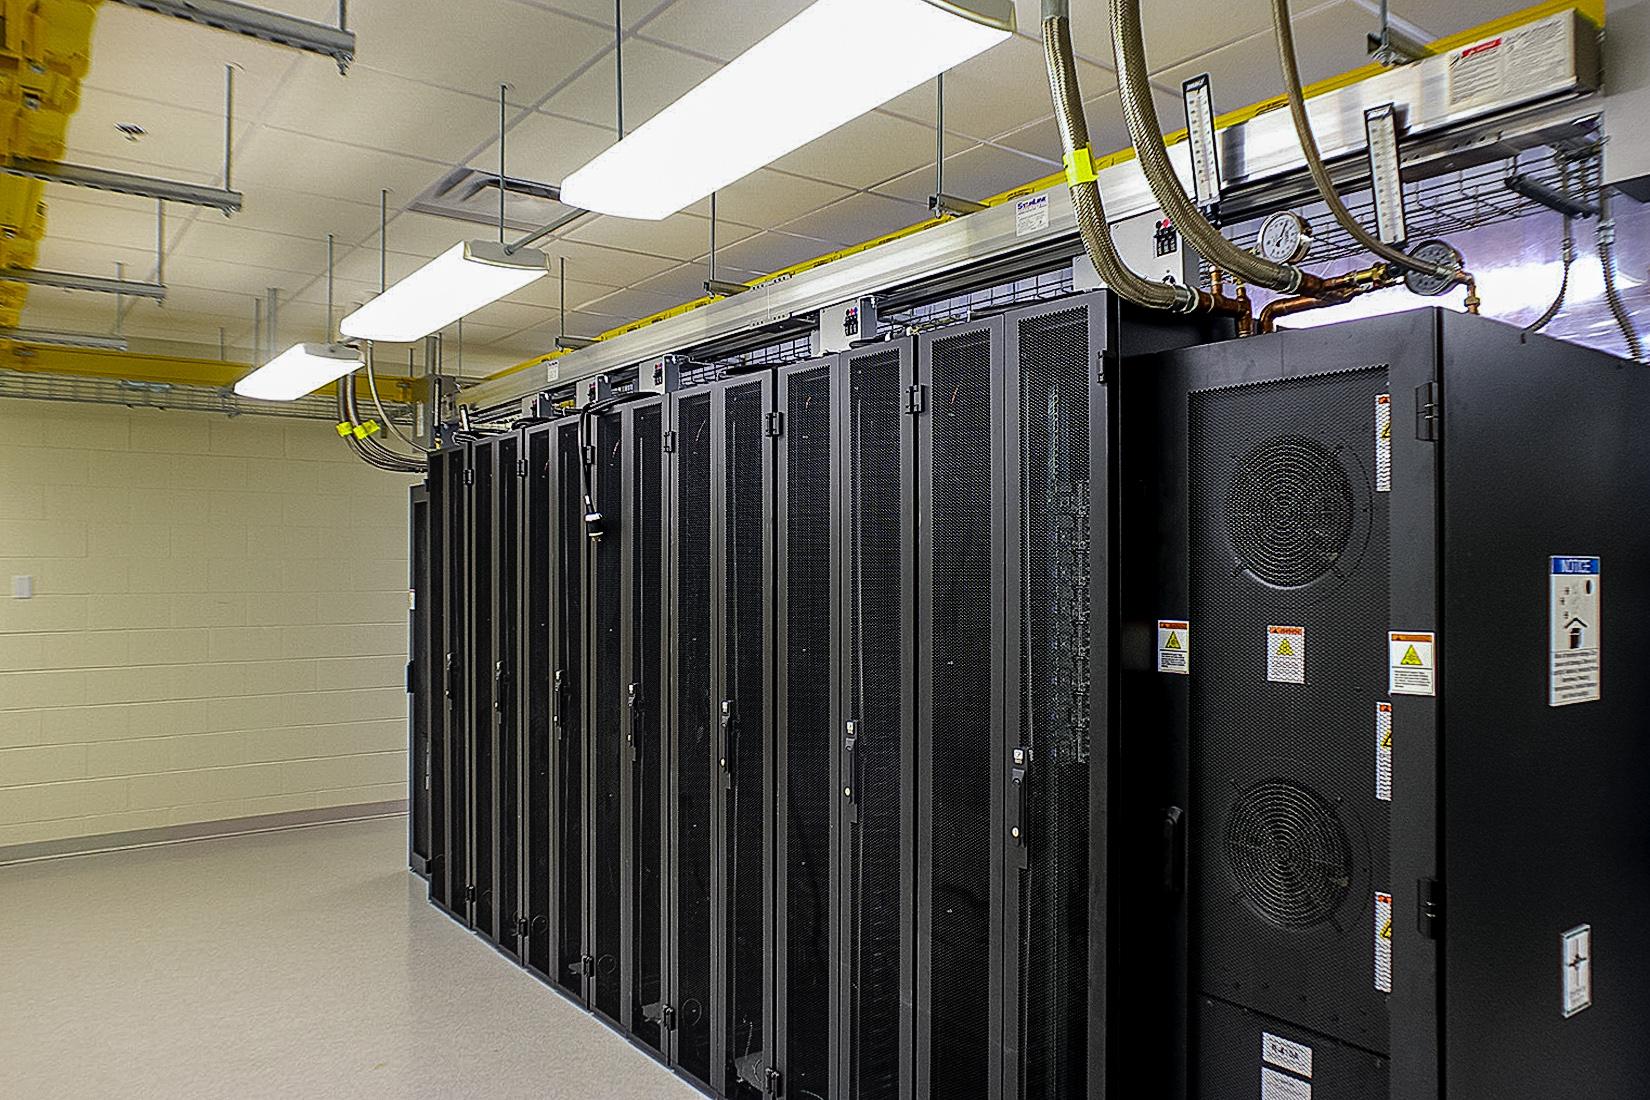 Server Room Electrical : Alaska native medical center radiology server room